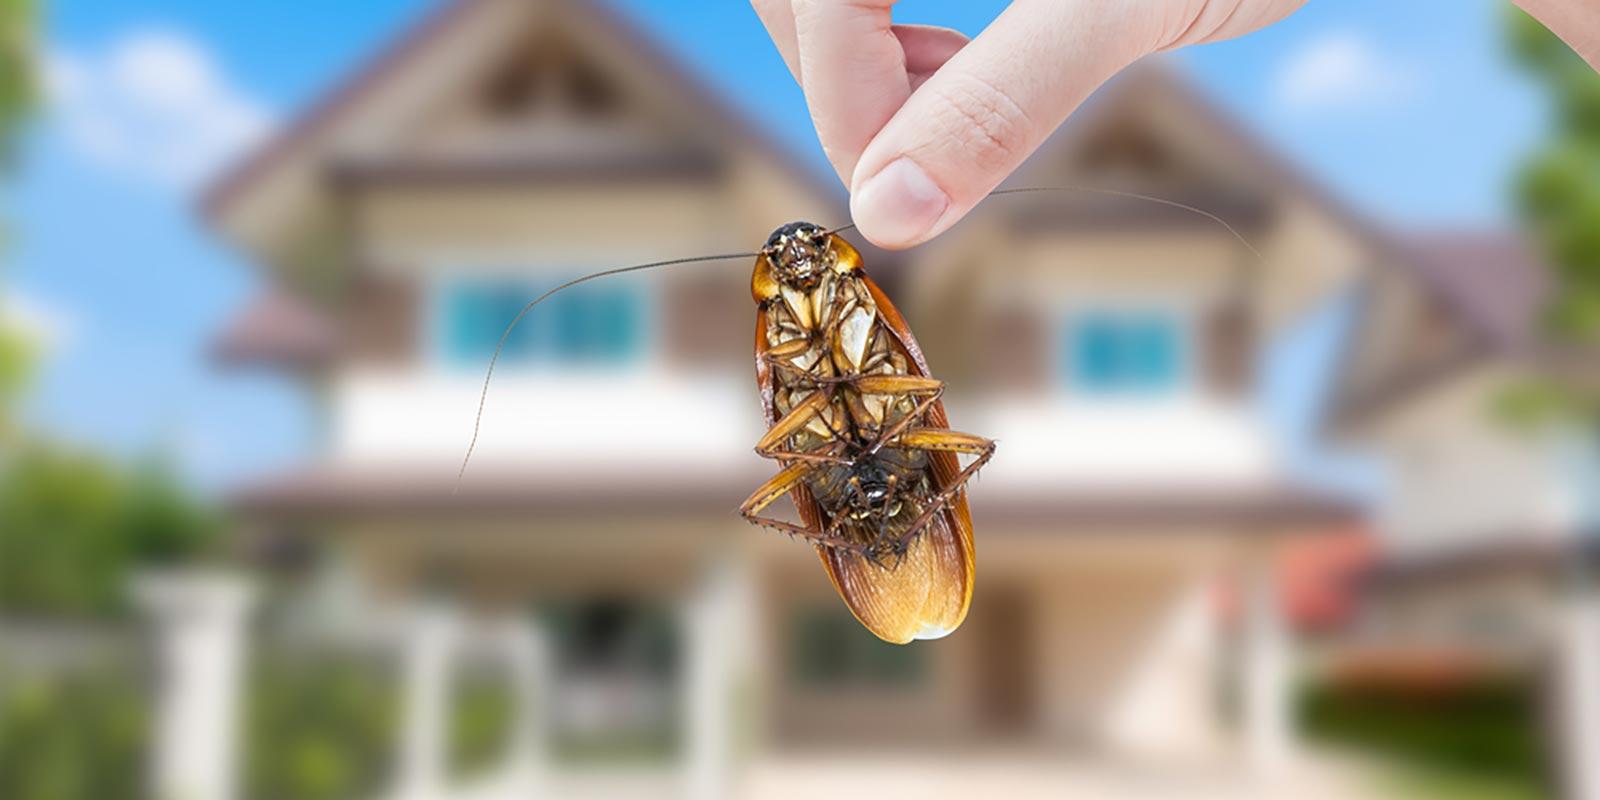 big-river-pest-control-roach-exterminati